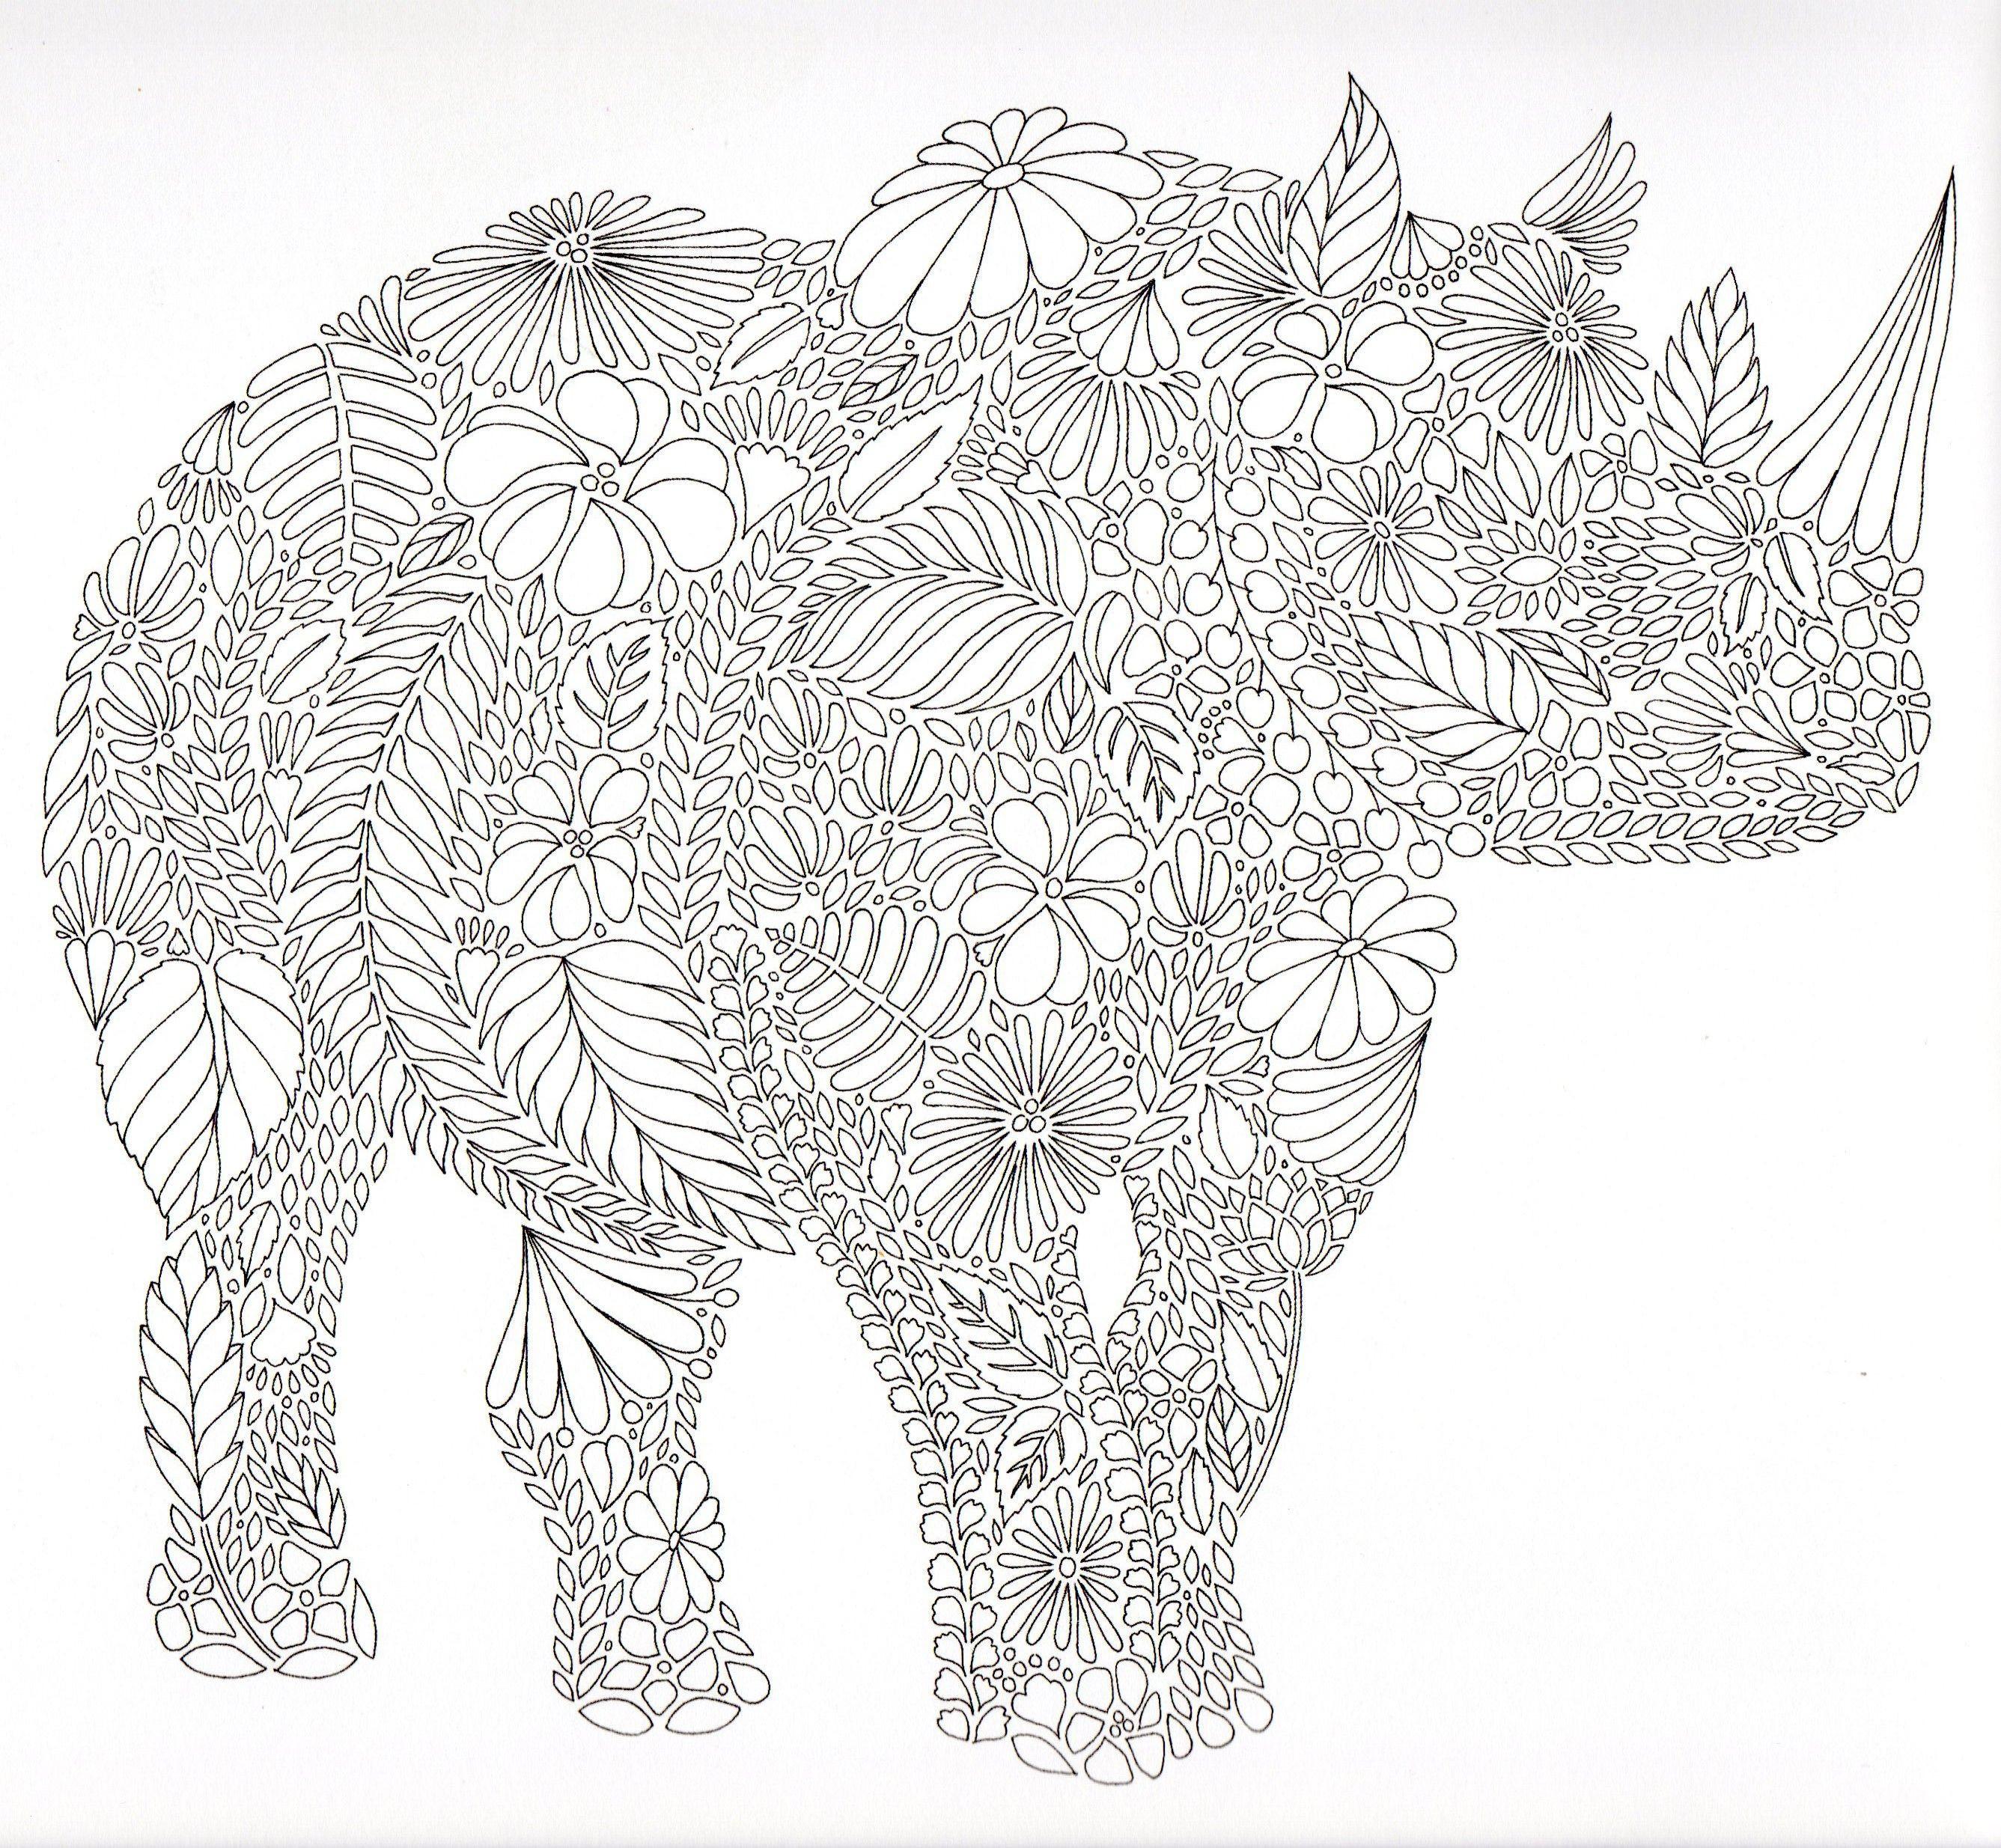 Nashorn Zum Ausmalen Genial Hase Ausmalbilder Zum Ausdrucken Elegant Mandala Nashorn Vorlage Neu Fotos